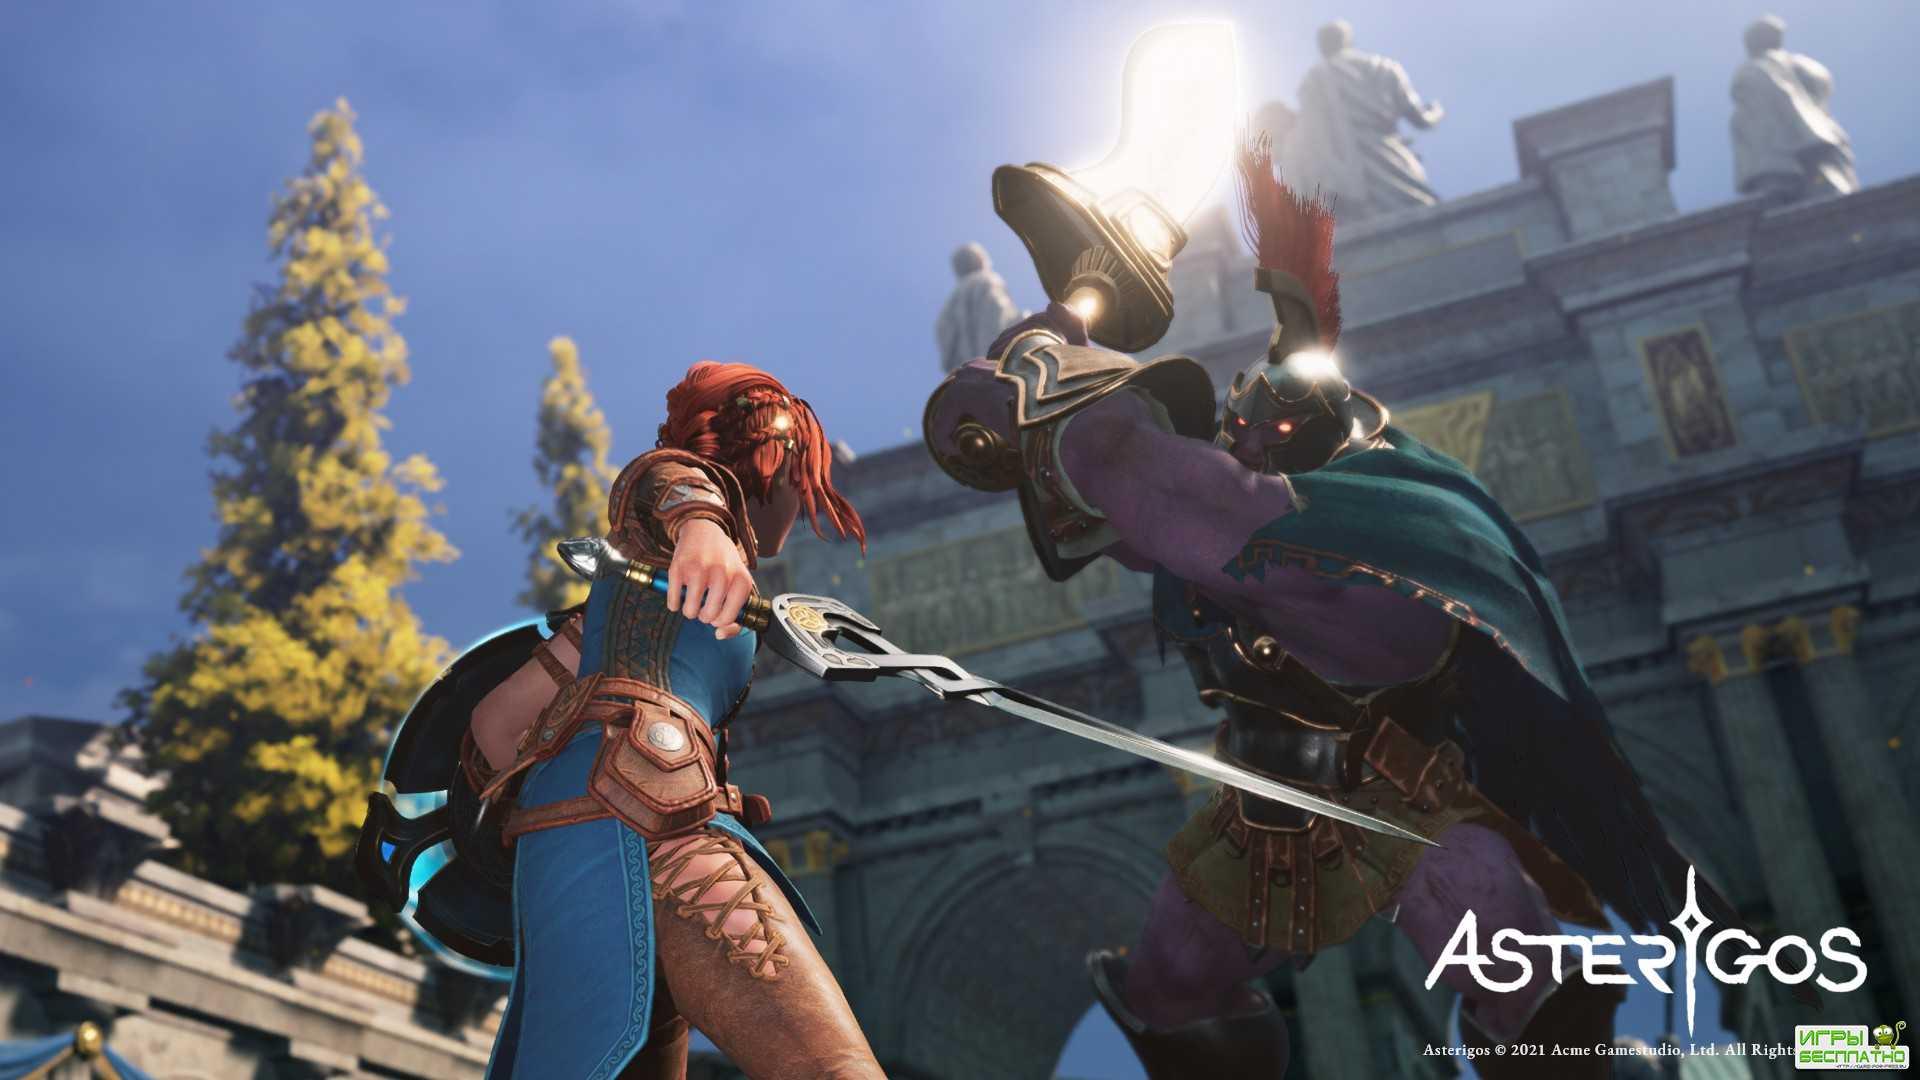 Студия Acme Gamestudio анонсировала ролевую игру с элементами экшена Asterigos